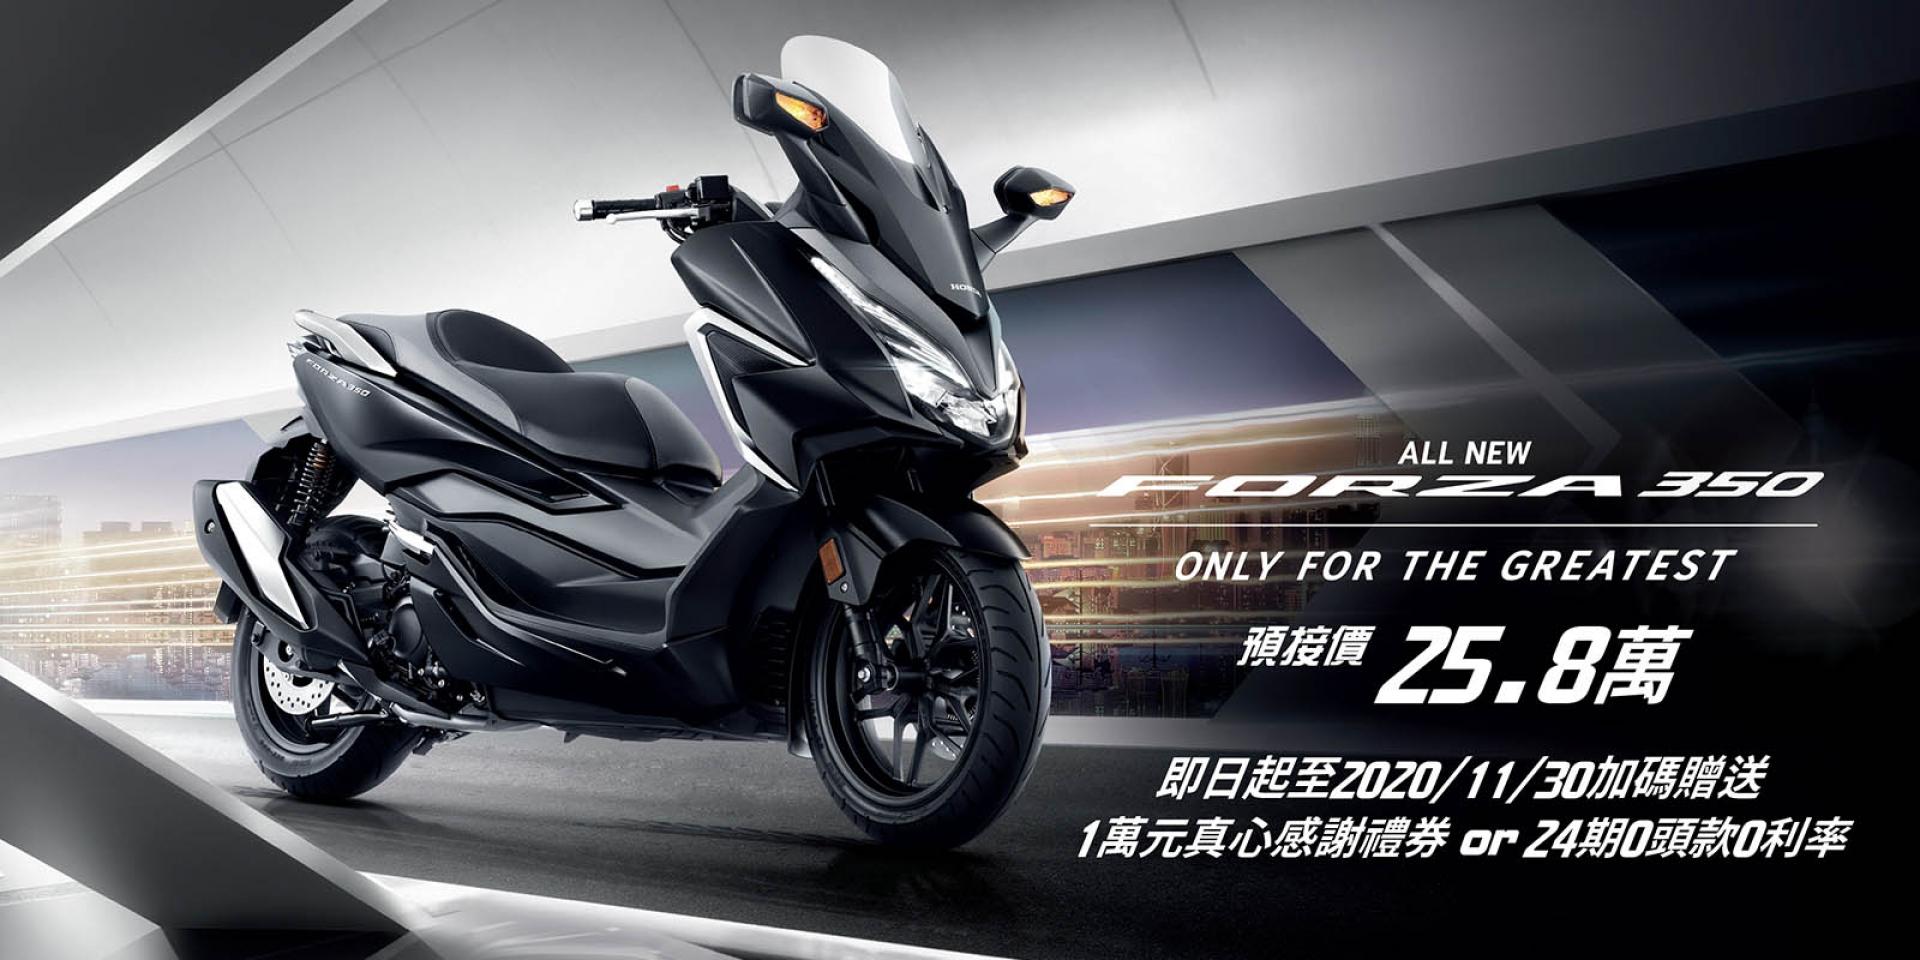 Honda 2021 FORZA 350 耀眼登場 完美進化 預接價25.8萬 預購優惠同步開跑